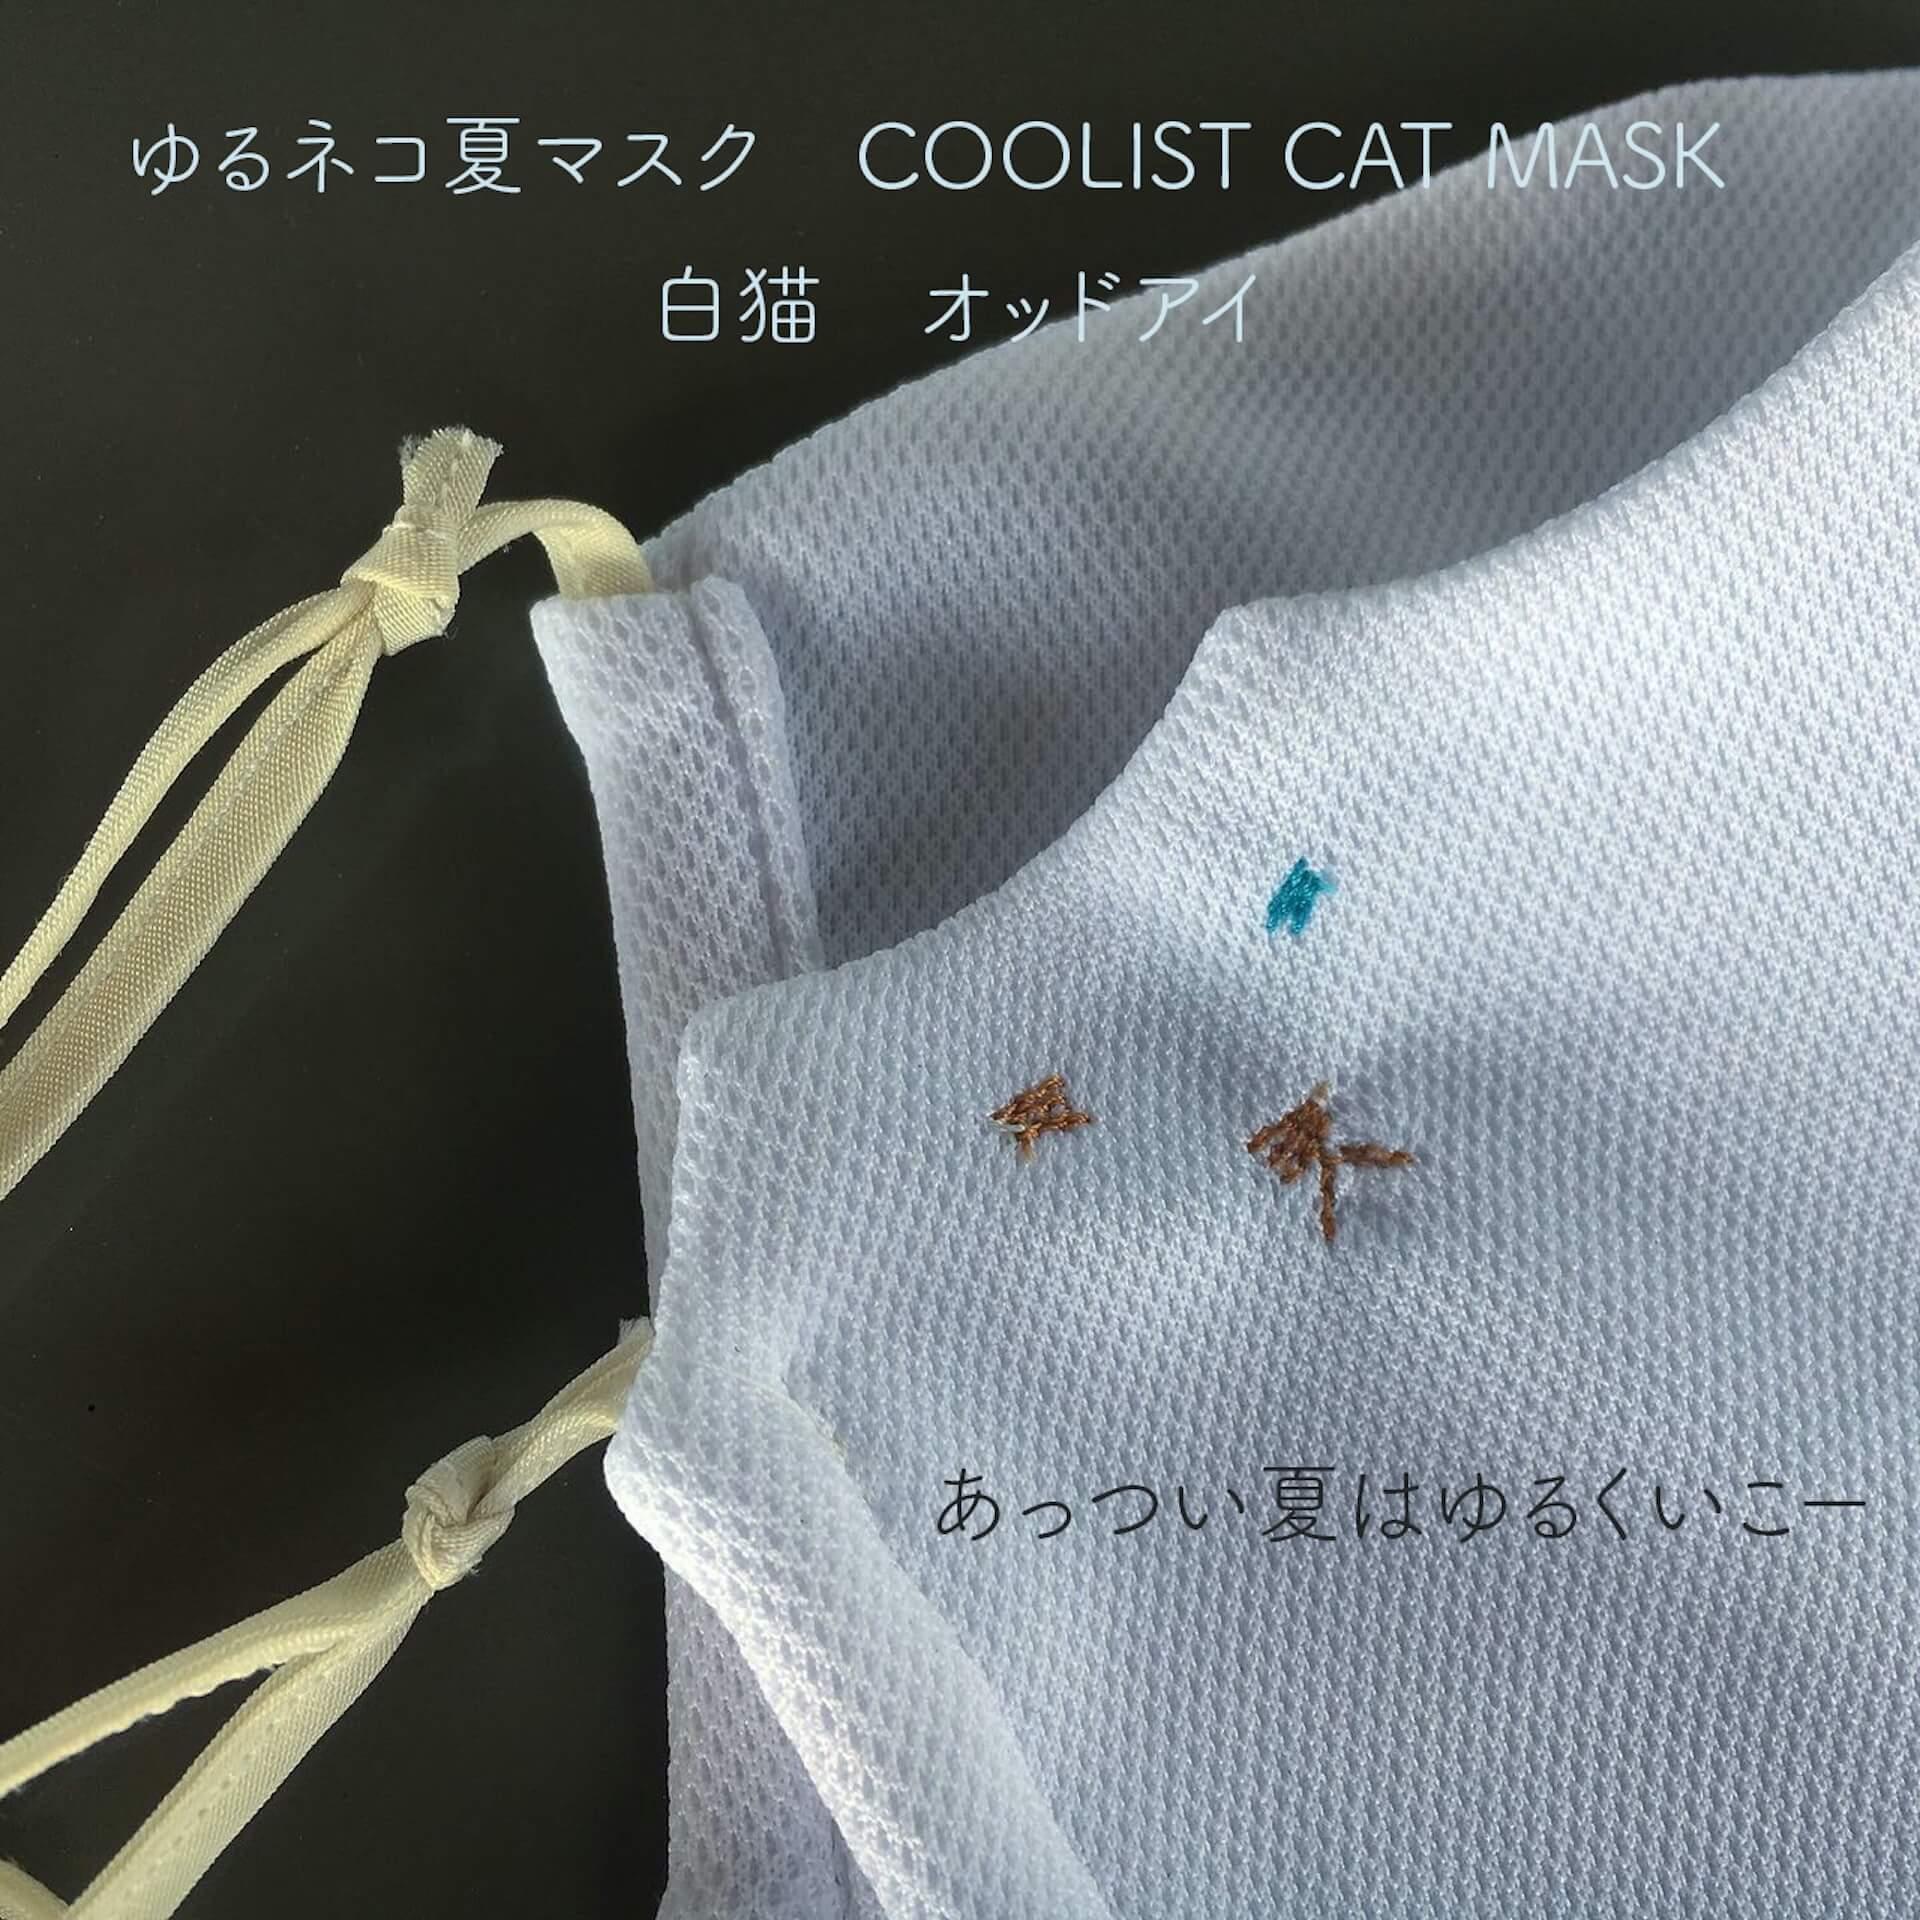 クール素材のゆるネコ夏マスクが登場!コットンの5倍の速さで汗を吸収&かわいいネコの刺繍も lf200617_nekorepublic_catmask_03